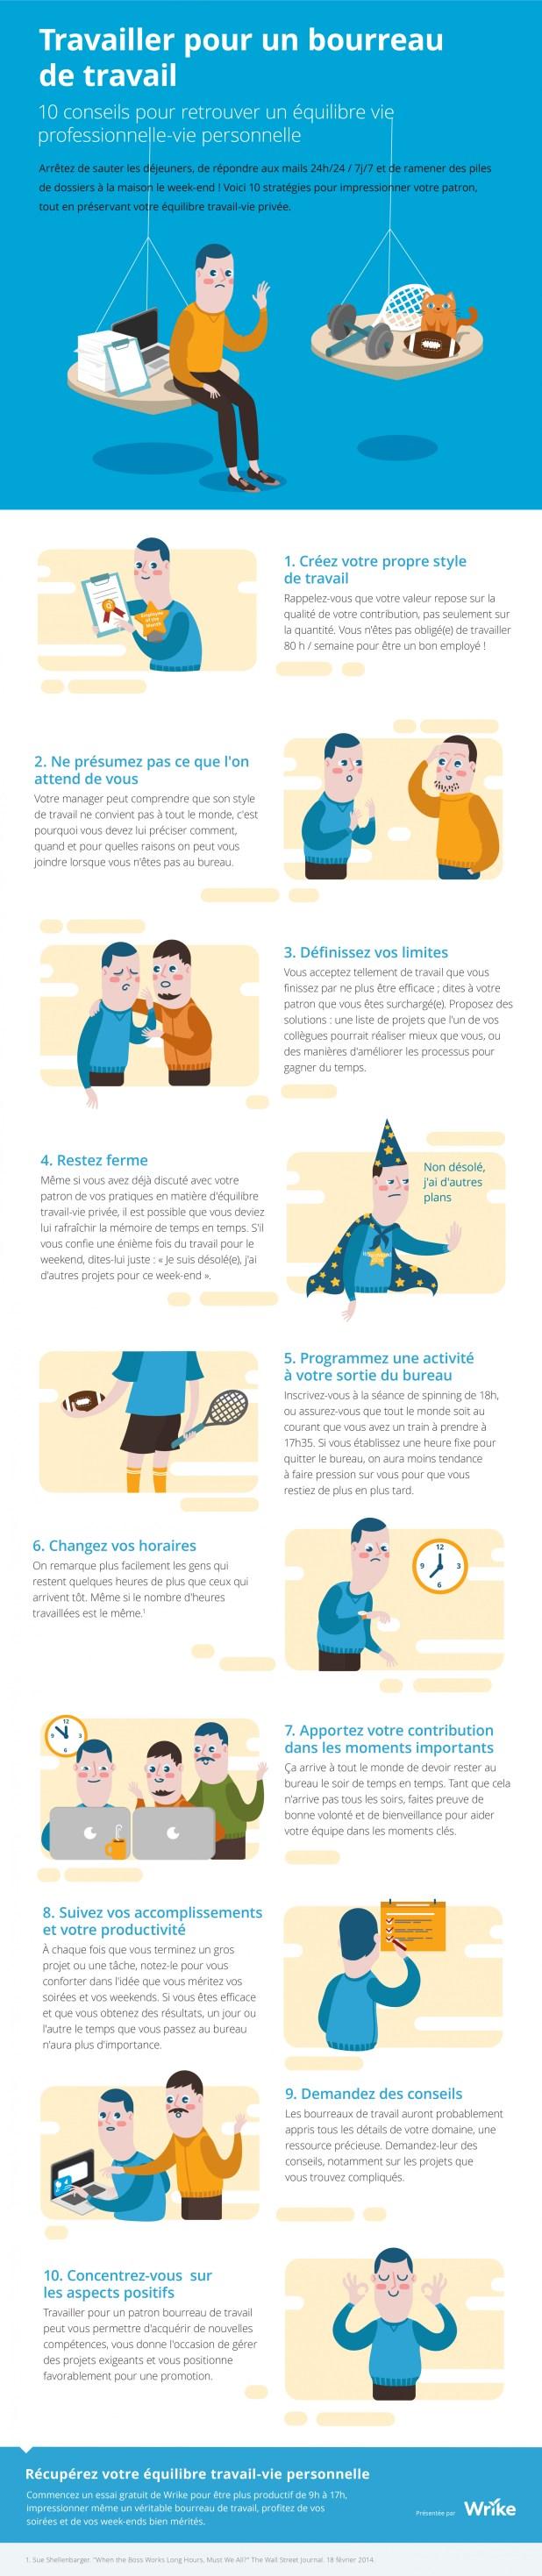 Travailler pour un accro au travail : 10 conseils pour retrouver votre équilibre travail-vie personnelle